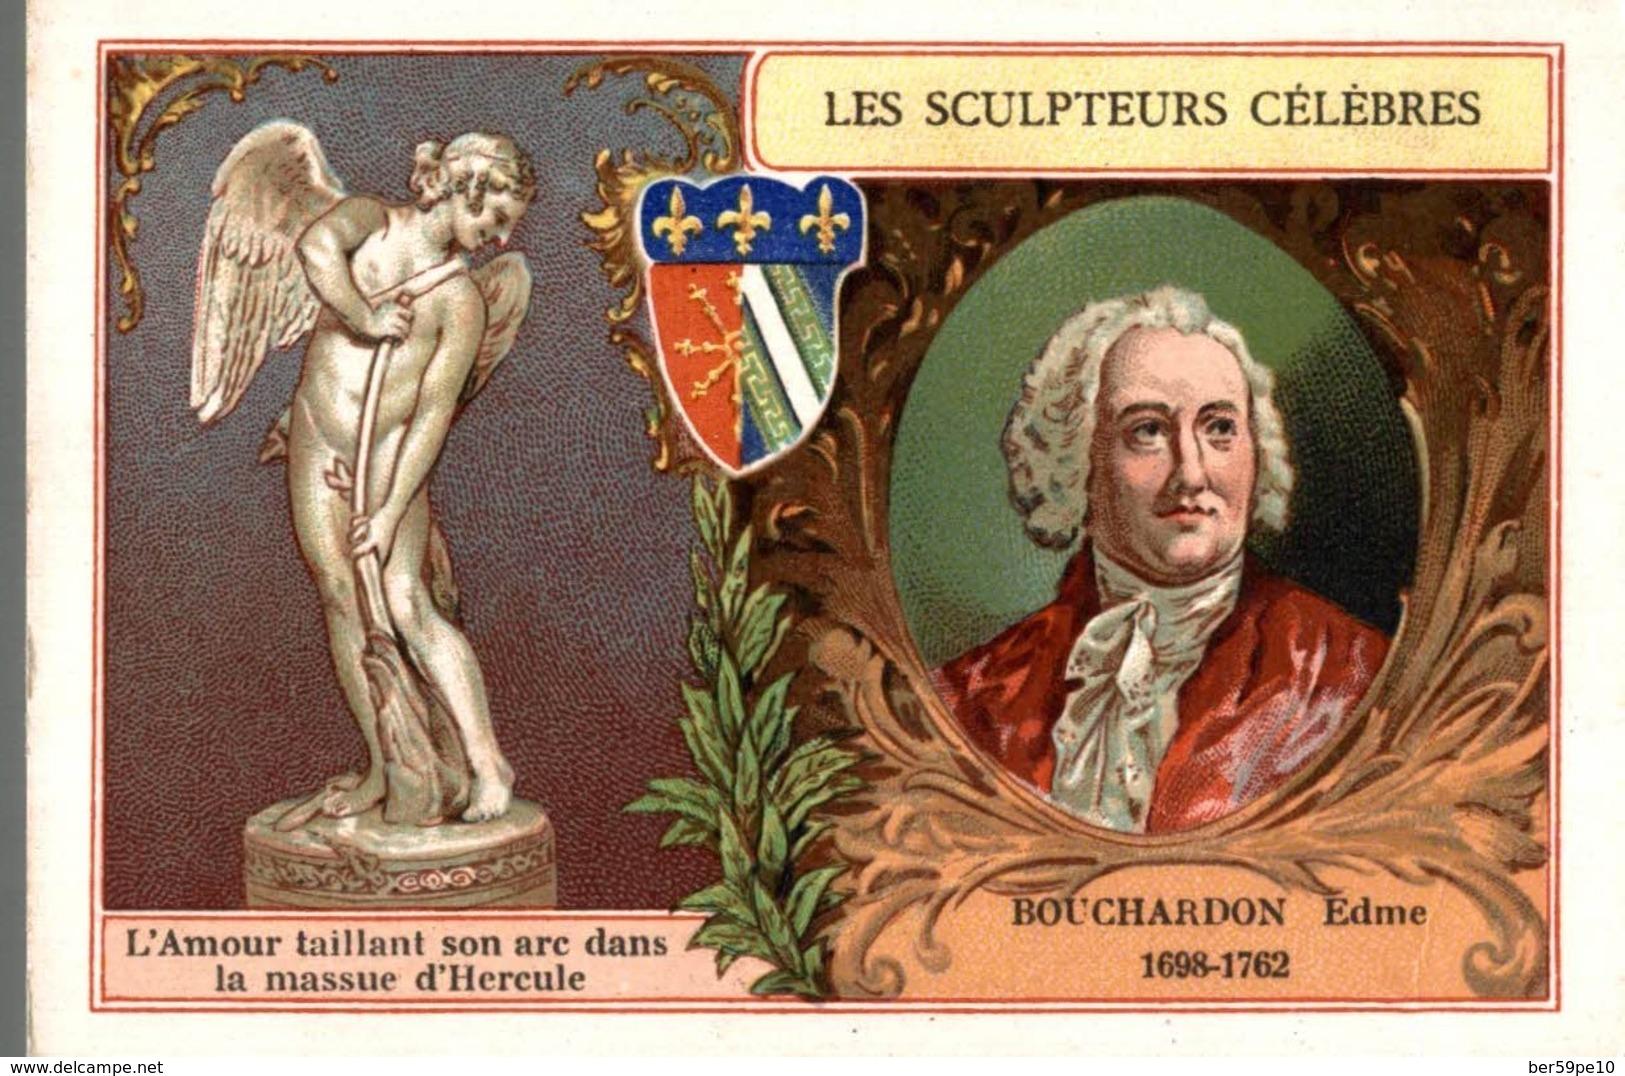 CHROMO  LES SCULPTEURS CELEBRES  BOUCHARDON EDME 1698 - 1762  L'AMOUR TAILLANT SON ARC DANS LA MASSUE D'HERCULE - Trade Cards